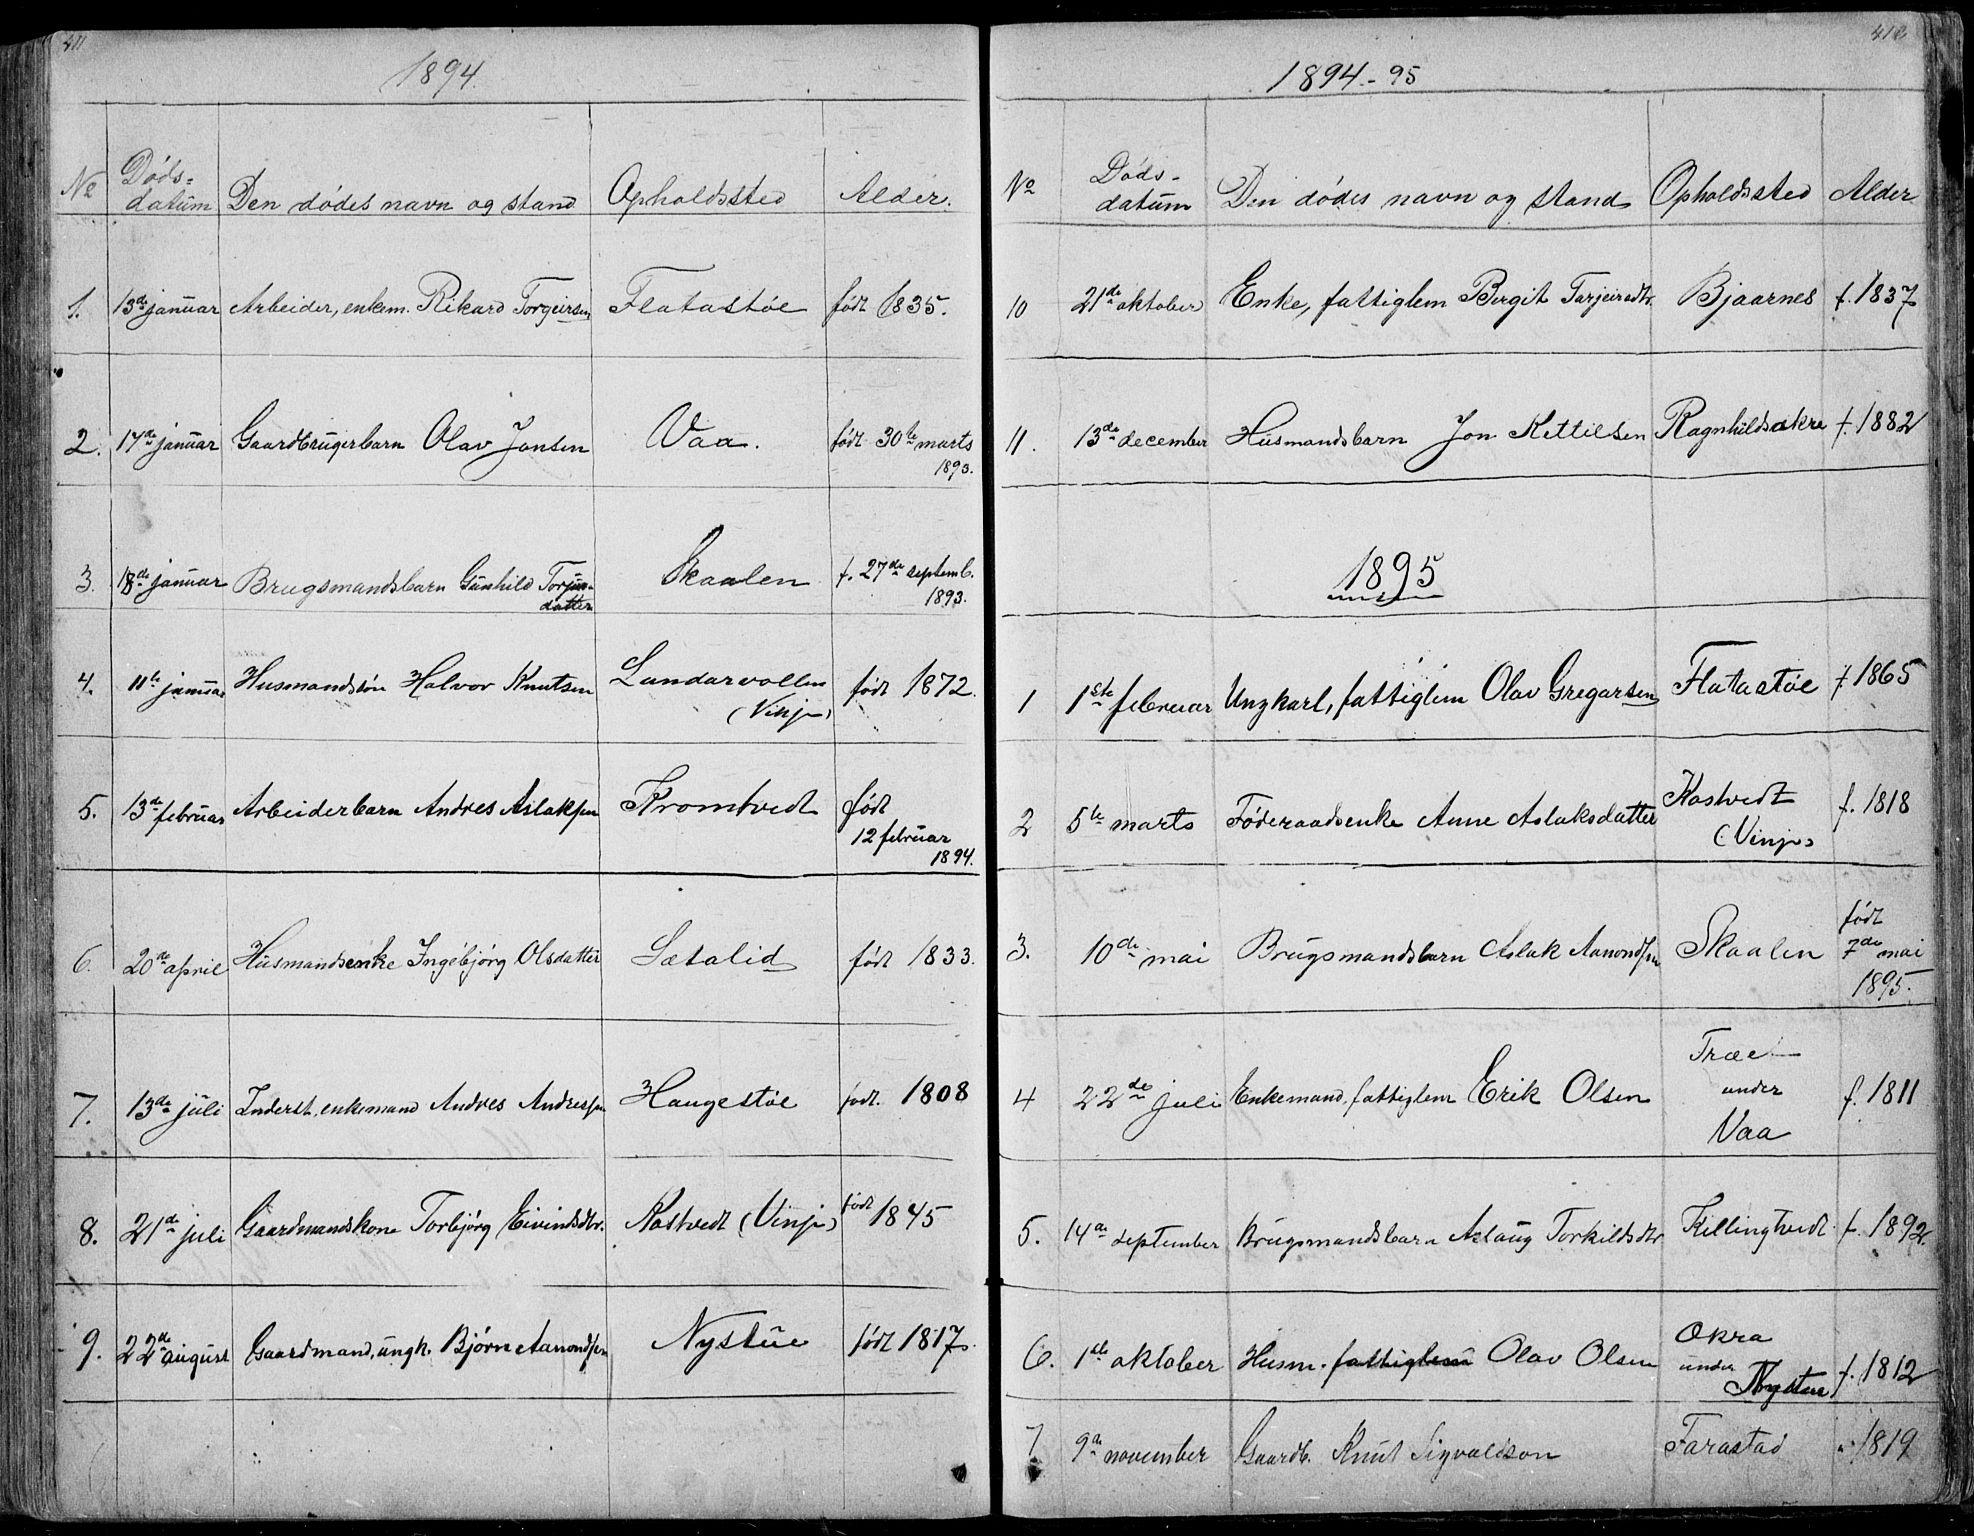 SAKO, Rauland kirkebøker, G/Ga/L0002: Klokkerbok nr. I 2, 1849-1935, s. 411-412